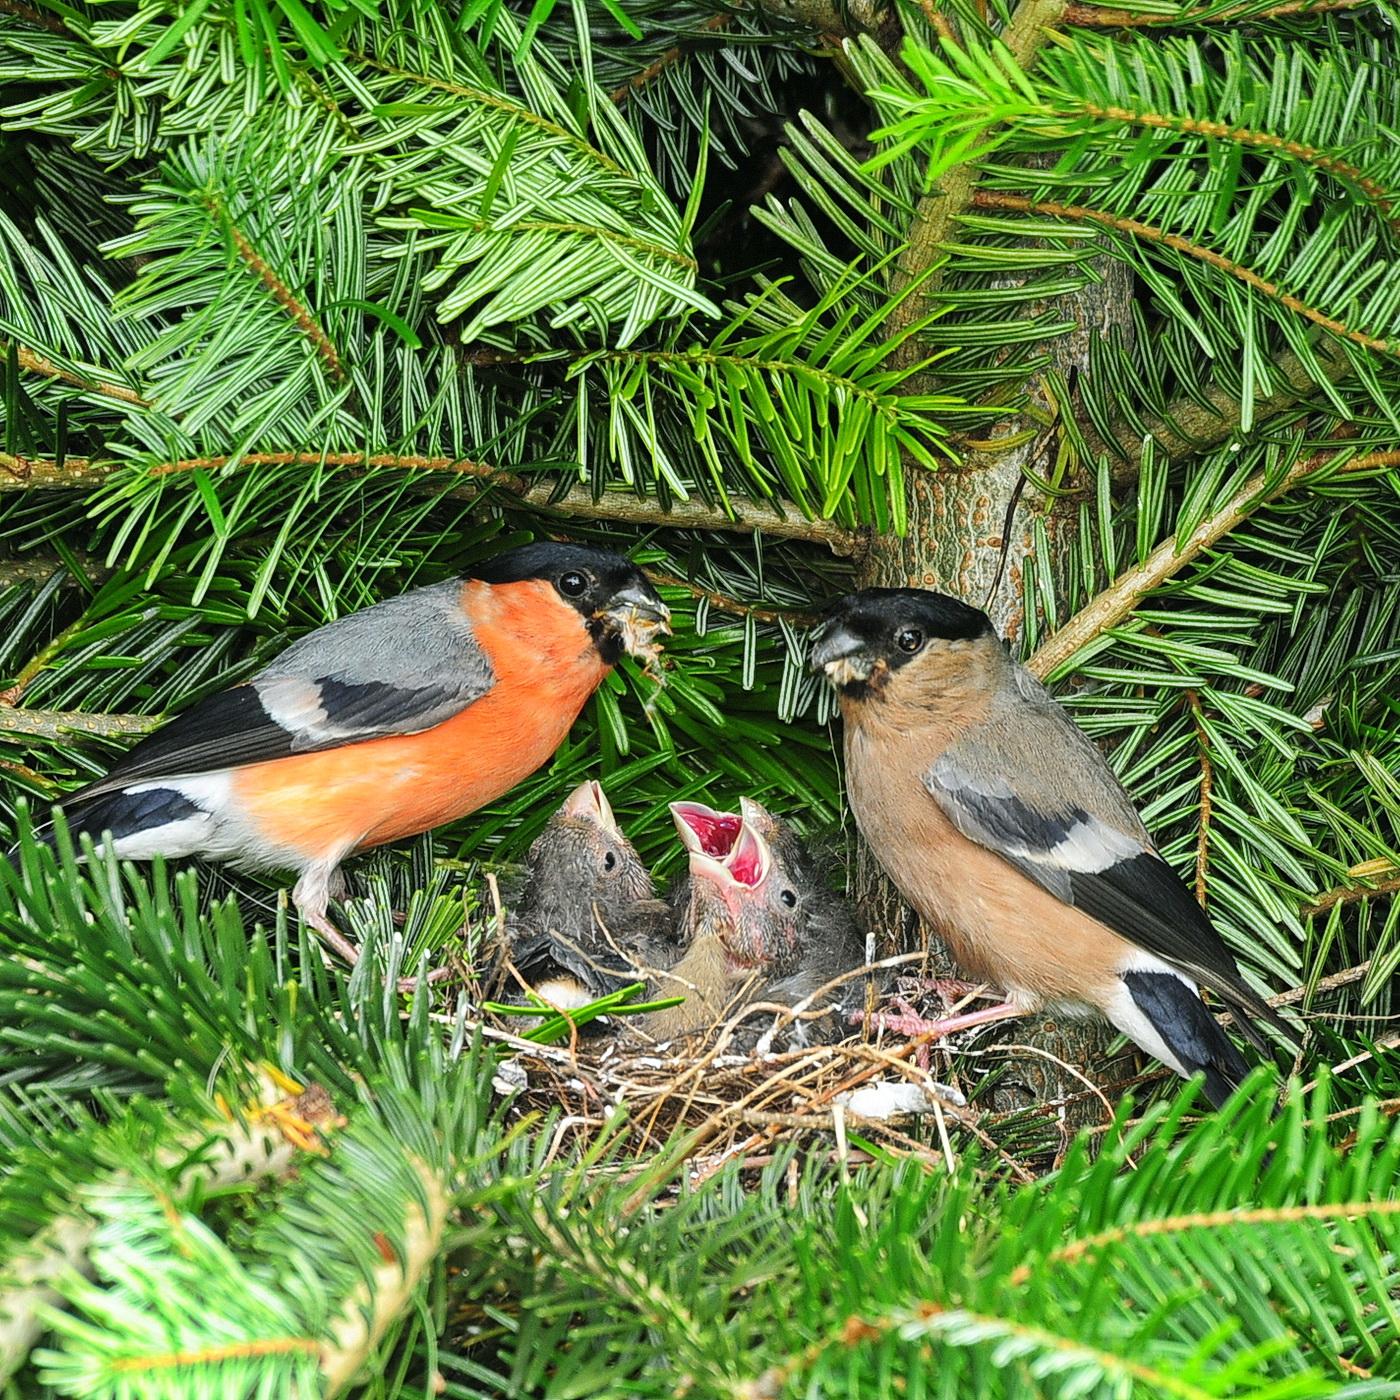 Weihnachtsbaumkultur - ein Paradies für Singvögel!